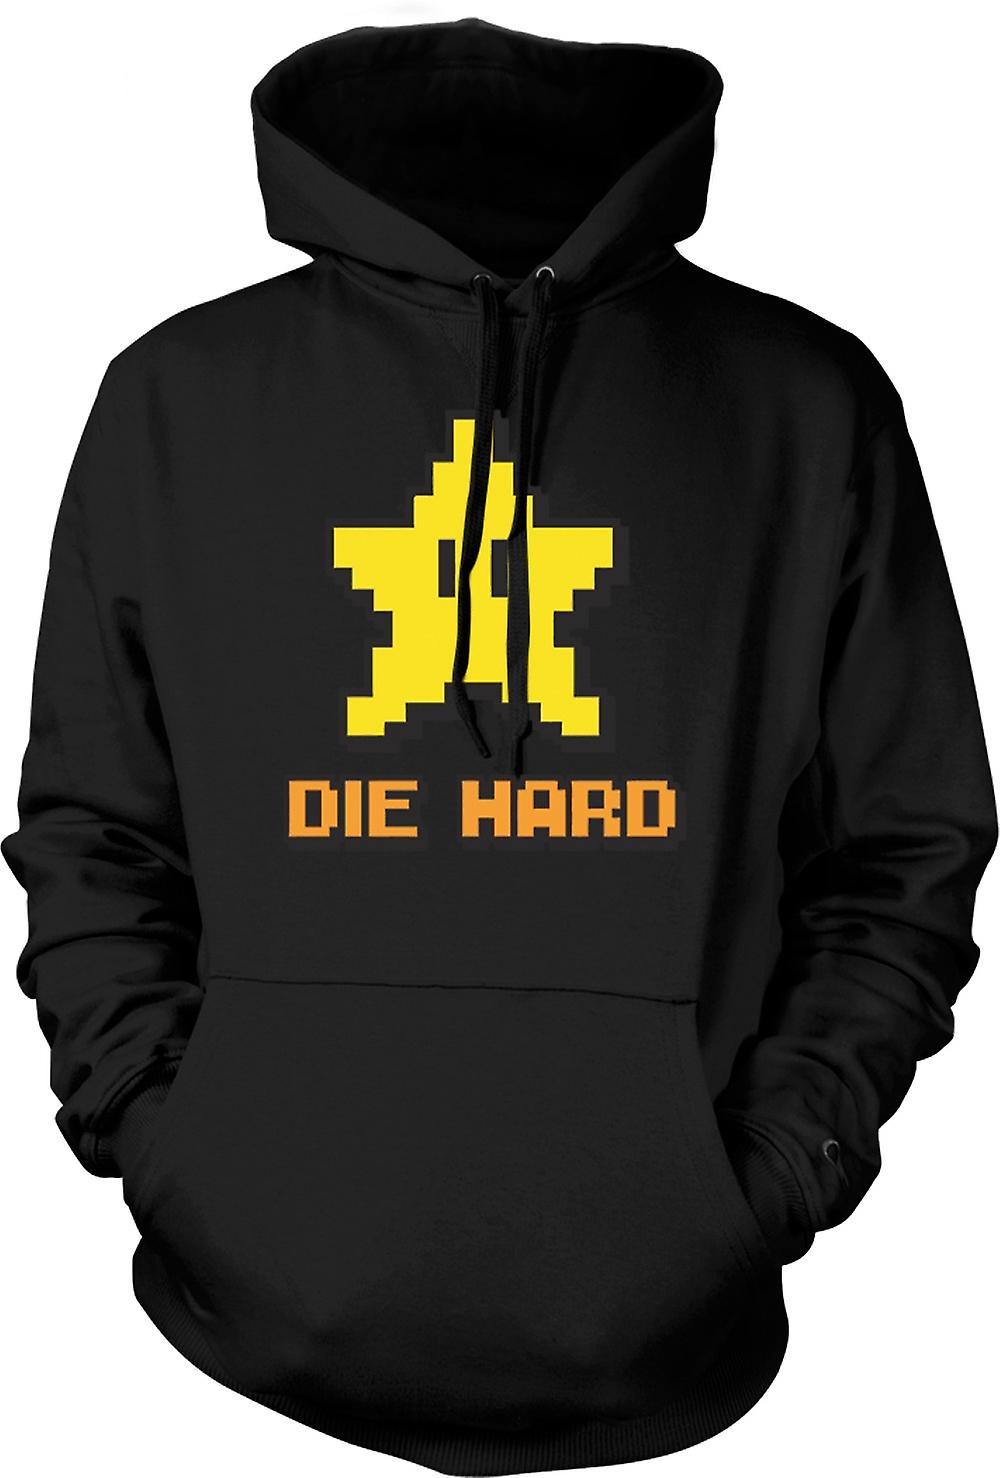 Mens Hoodie - sterven Hard - Pacman - offerte